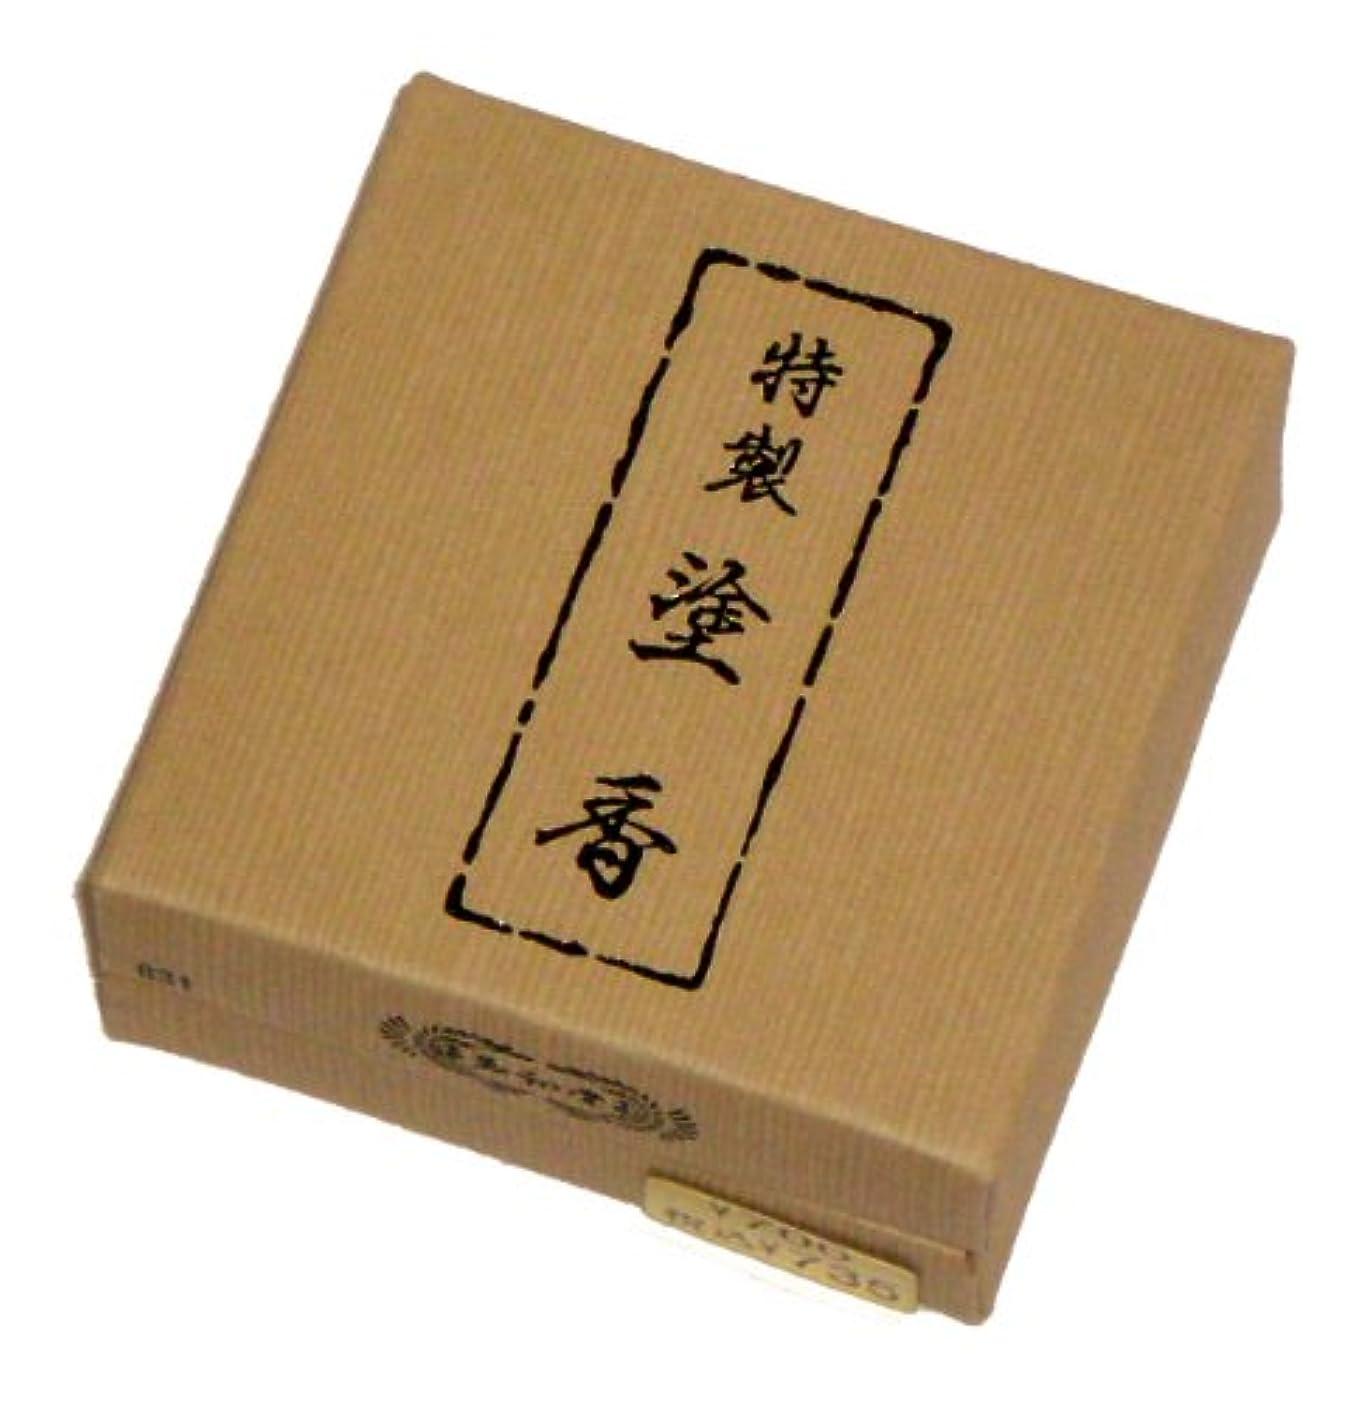 疑わしい認める即席玉初堂のお香 特製塗香 15g 紙箱 #831